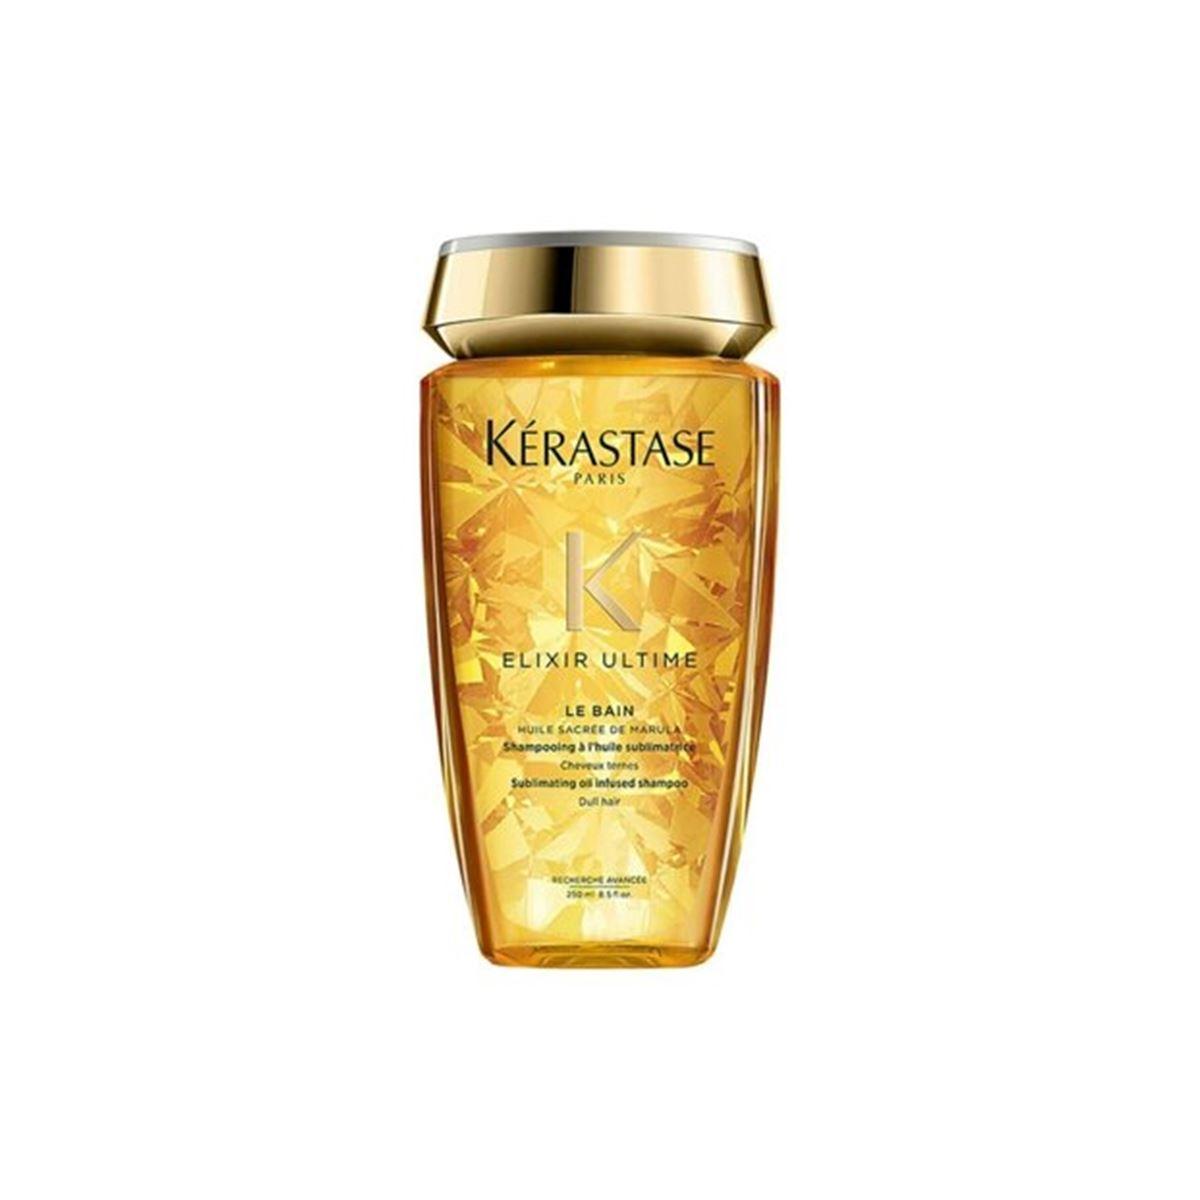 Kerastase Elixir Ultime Parlaklık Şampuanı - Le Bain 250 ml